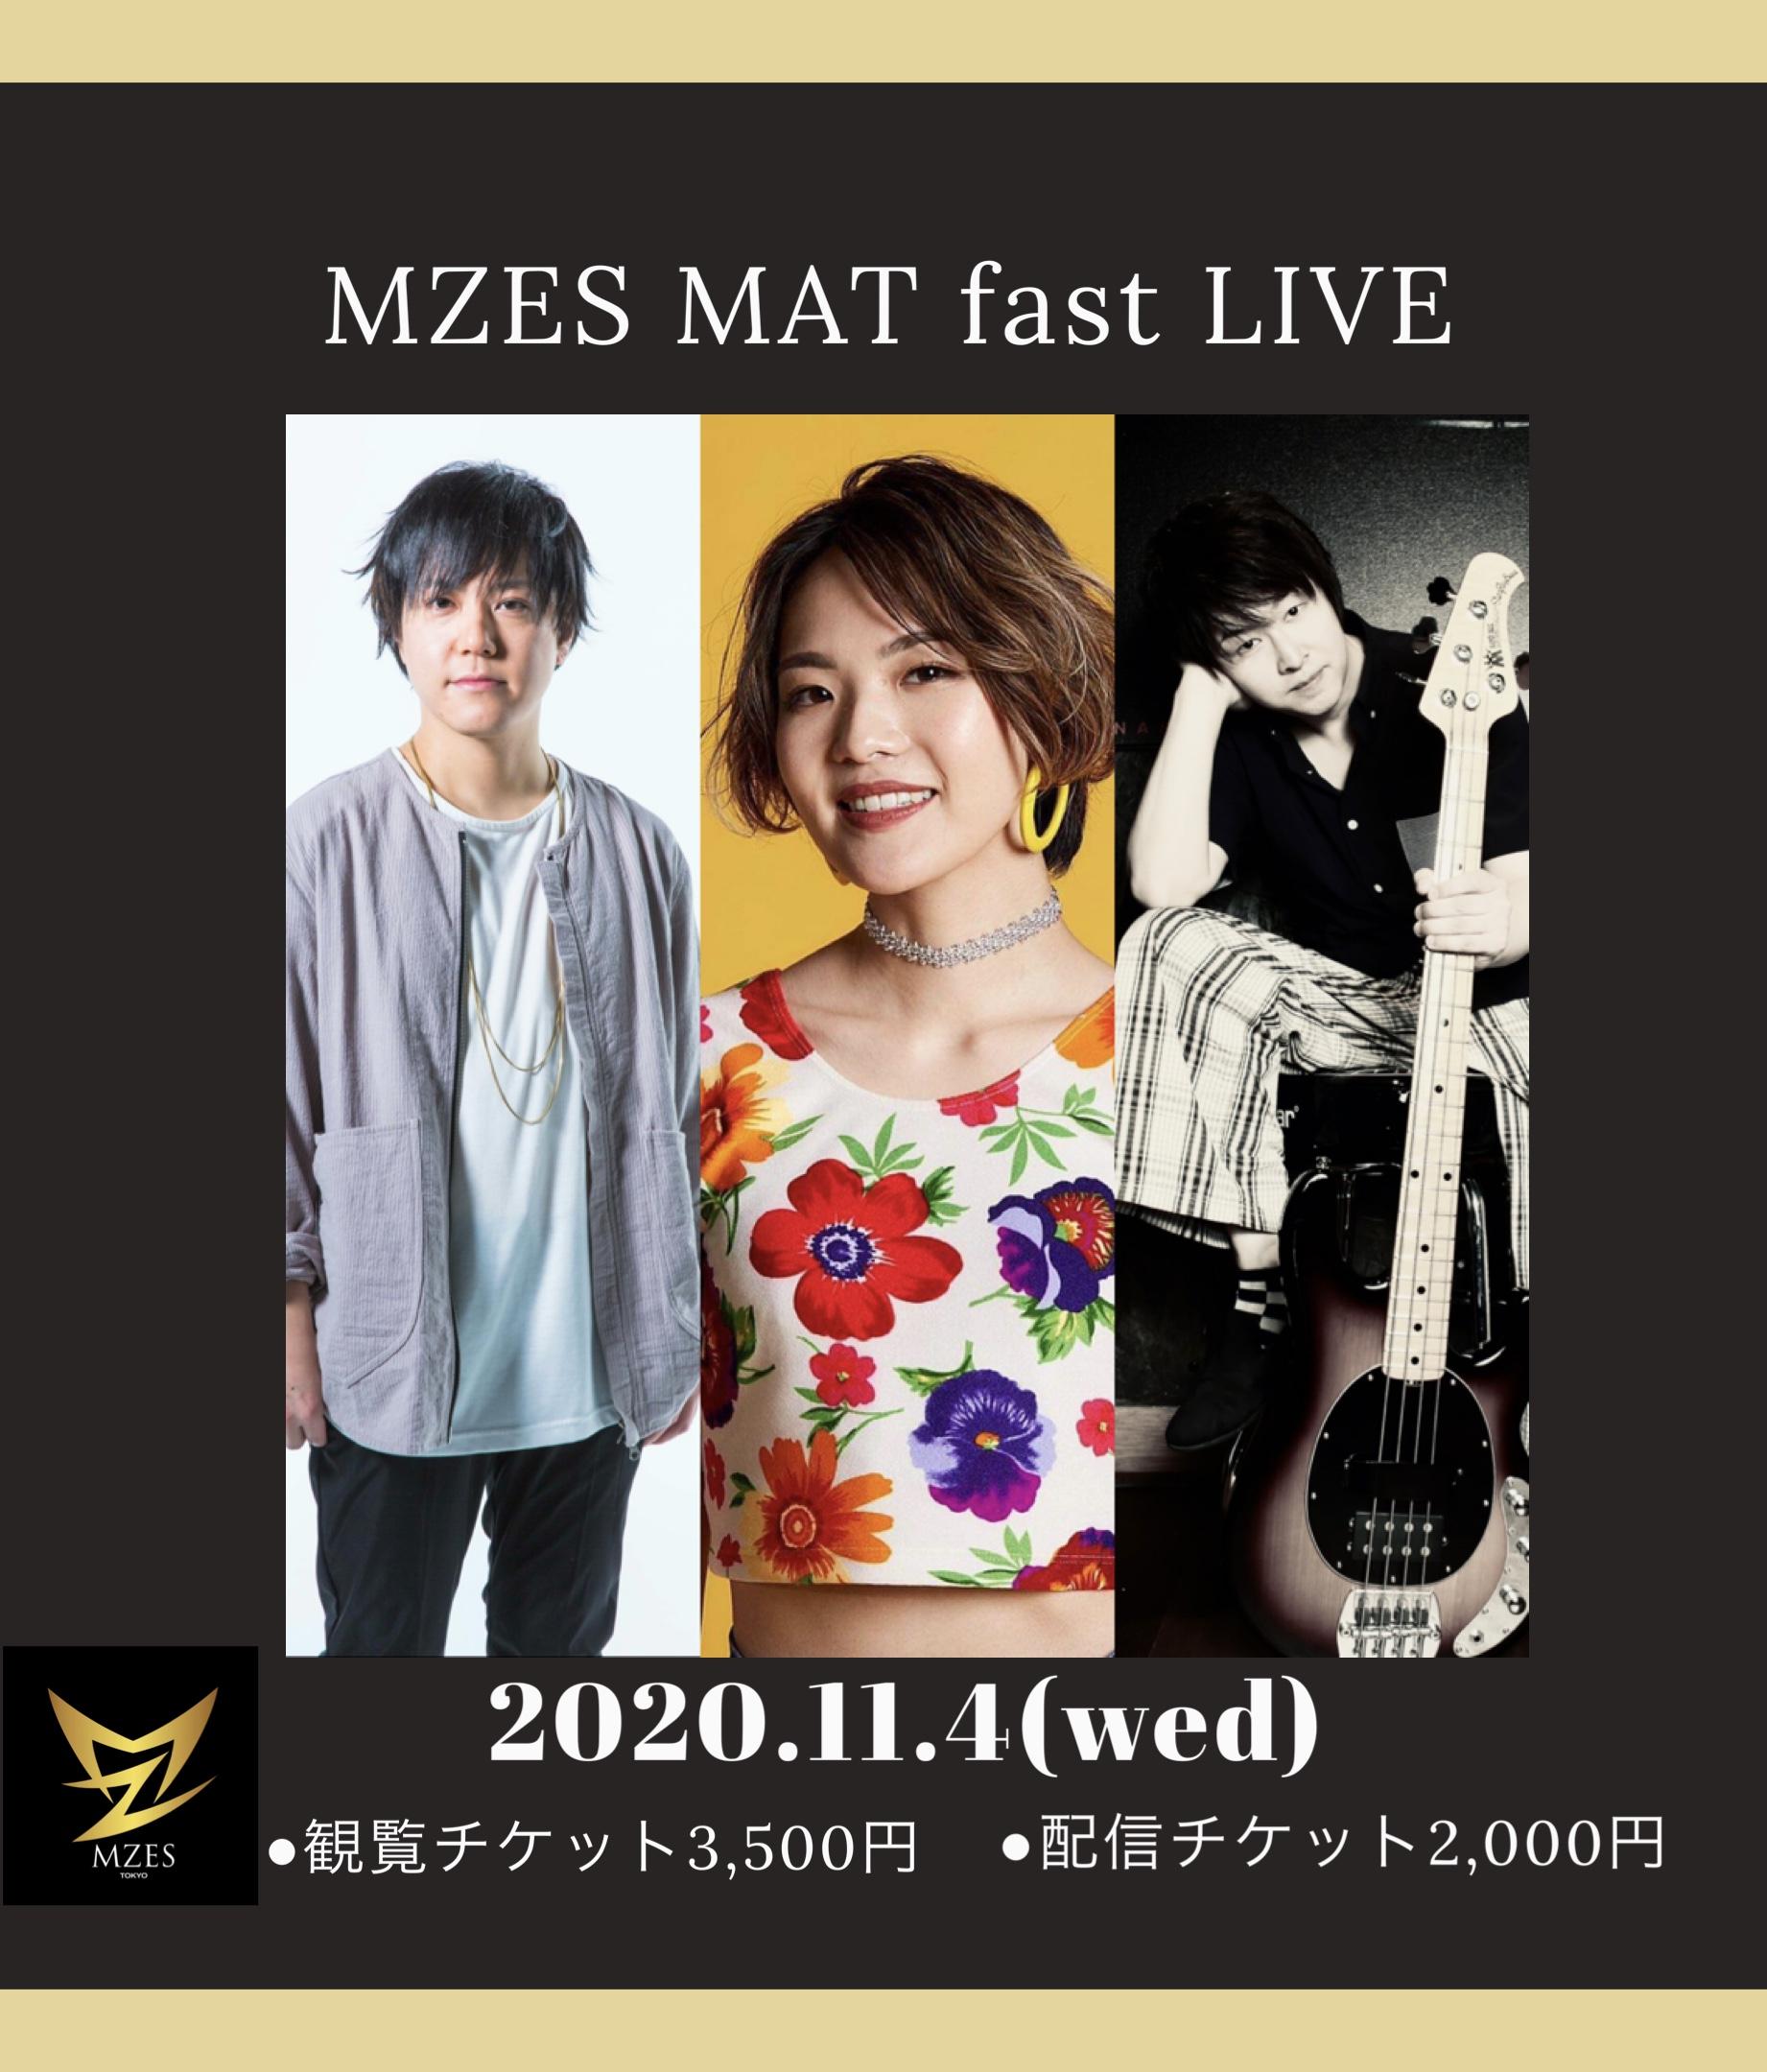 MZES MAT fast LIVE